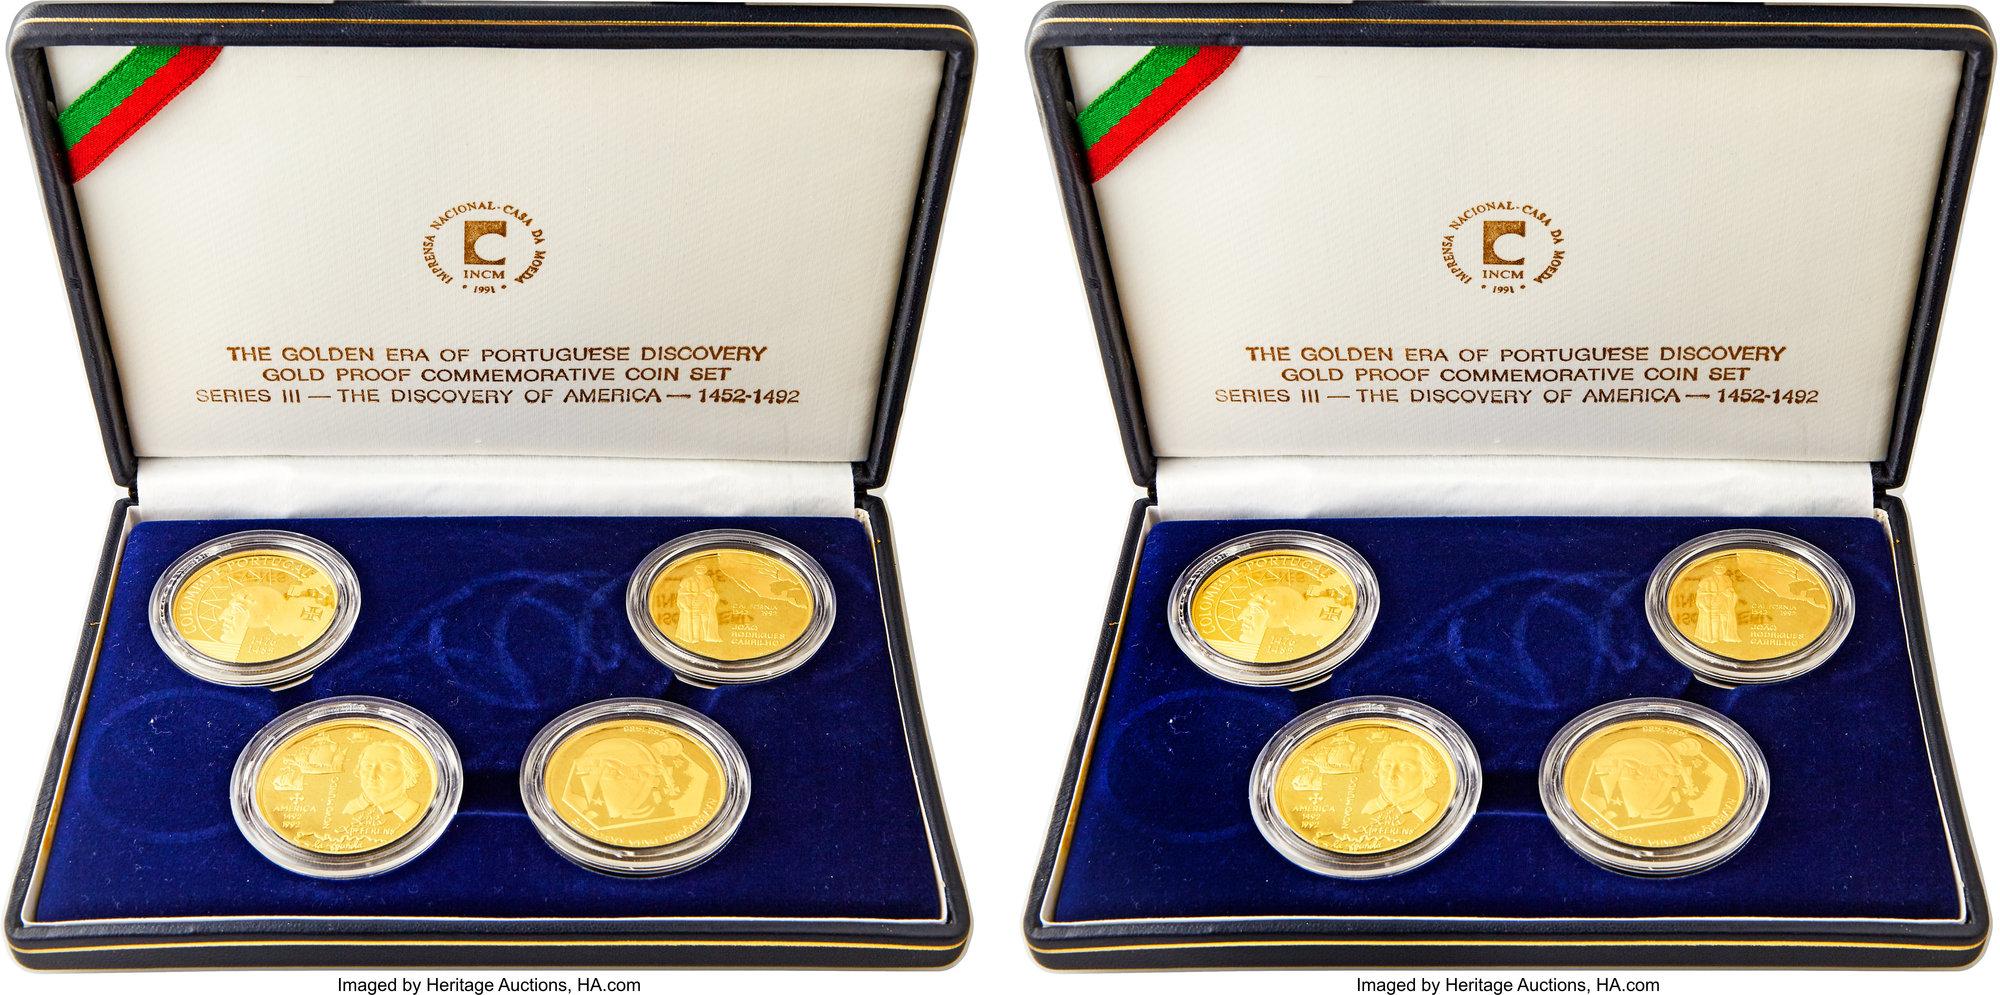 PORTUGAL COMMEMORATIVE COIN KINGDOM OF SIAM 1996 UNC 200 ESCUDOS